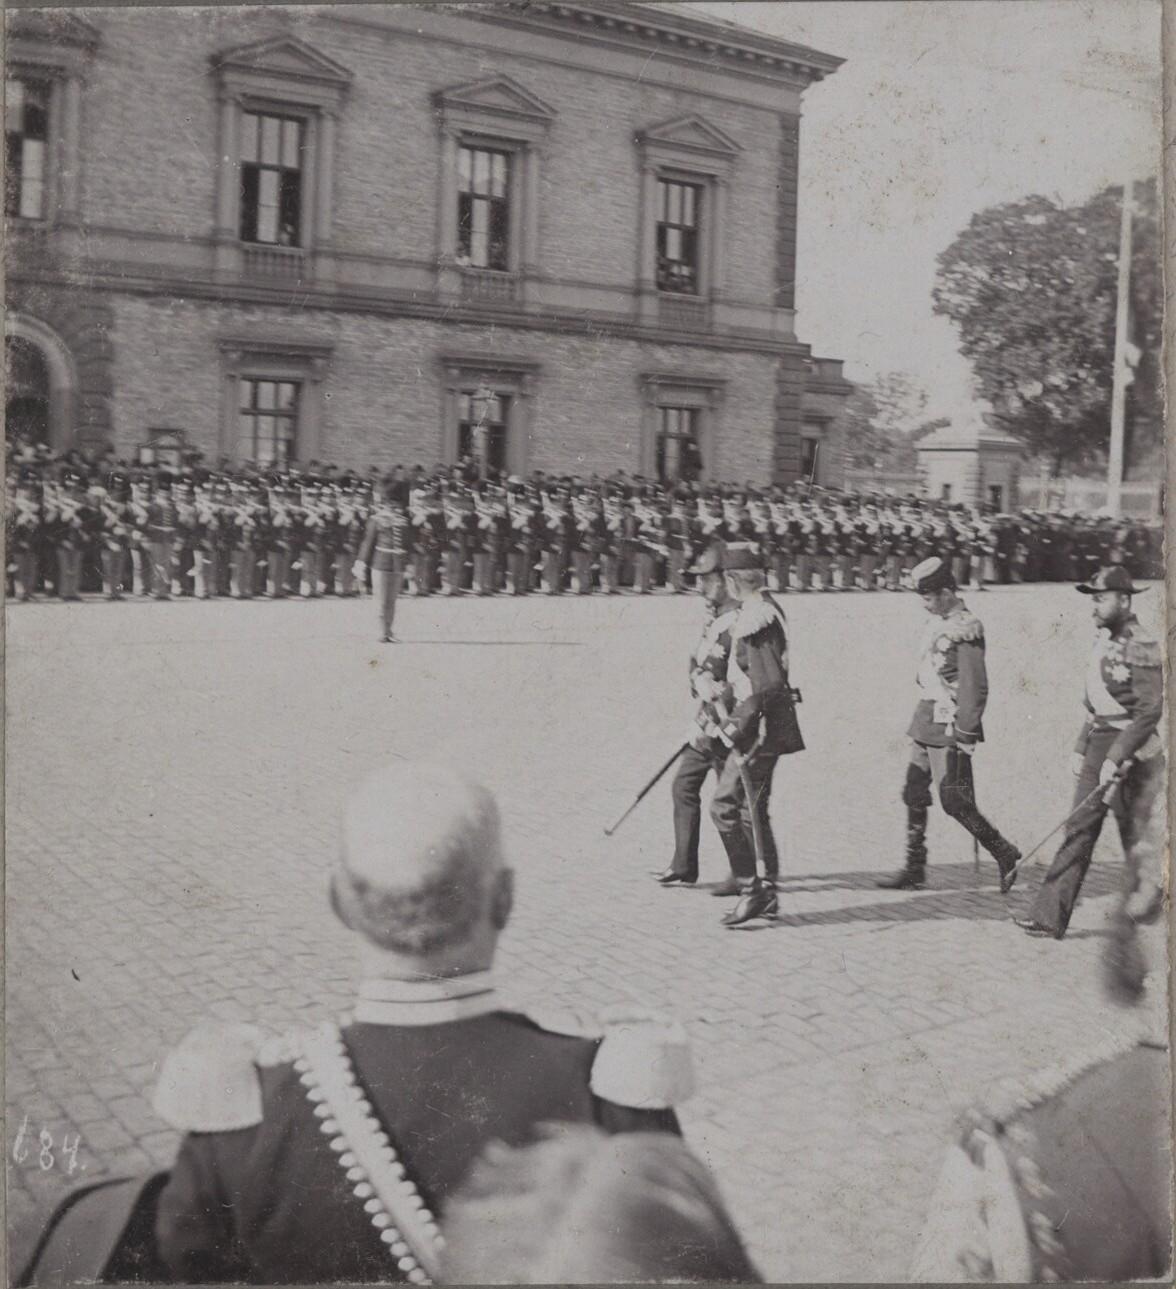 1896. Николай II,  Кристиан IX, наследный принц Фредерик и принц Вальдемар в Копенгагене